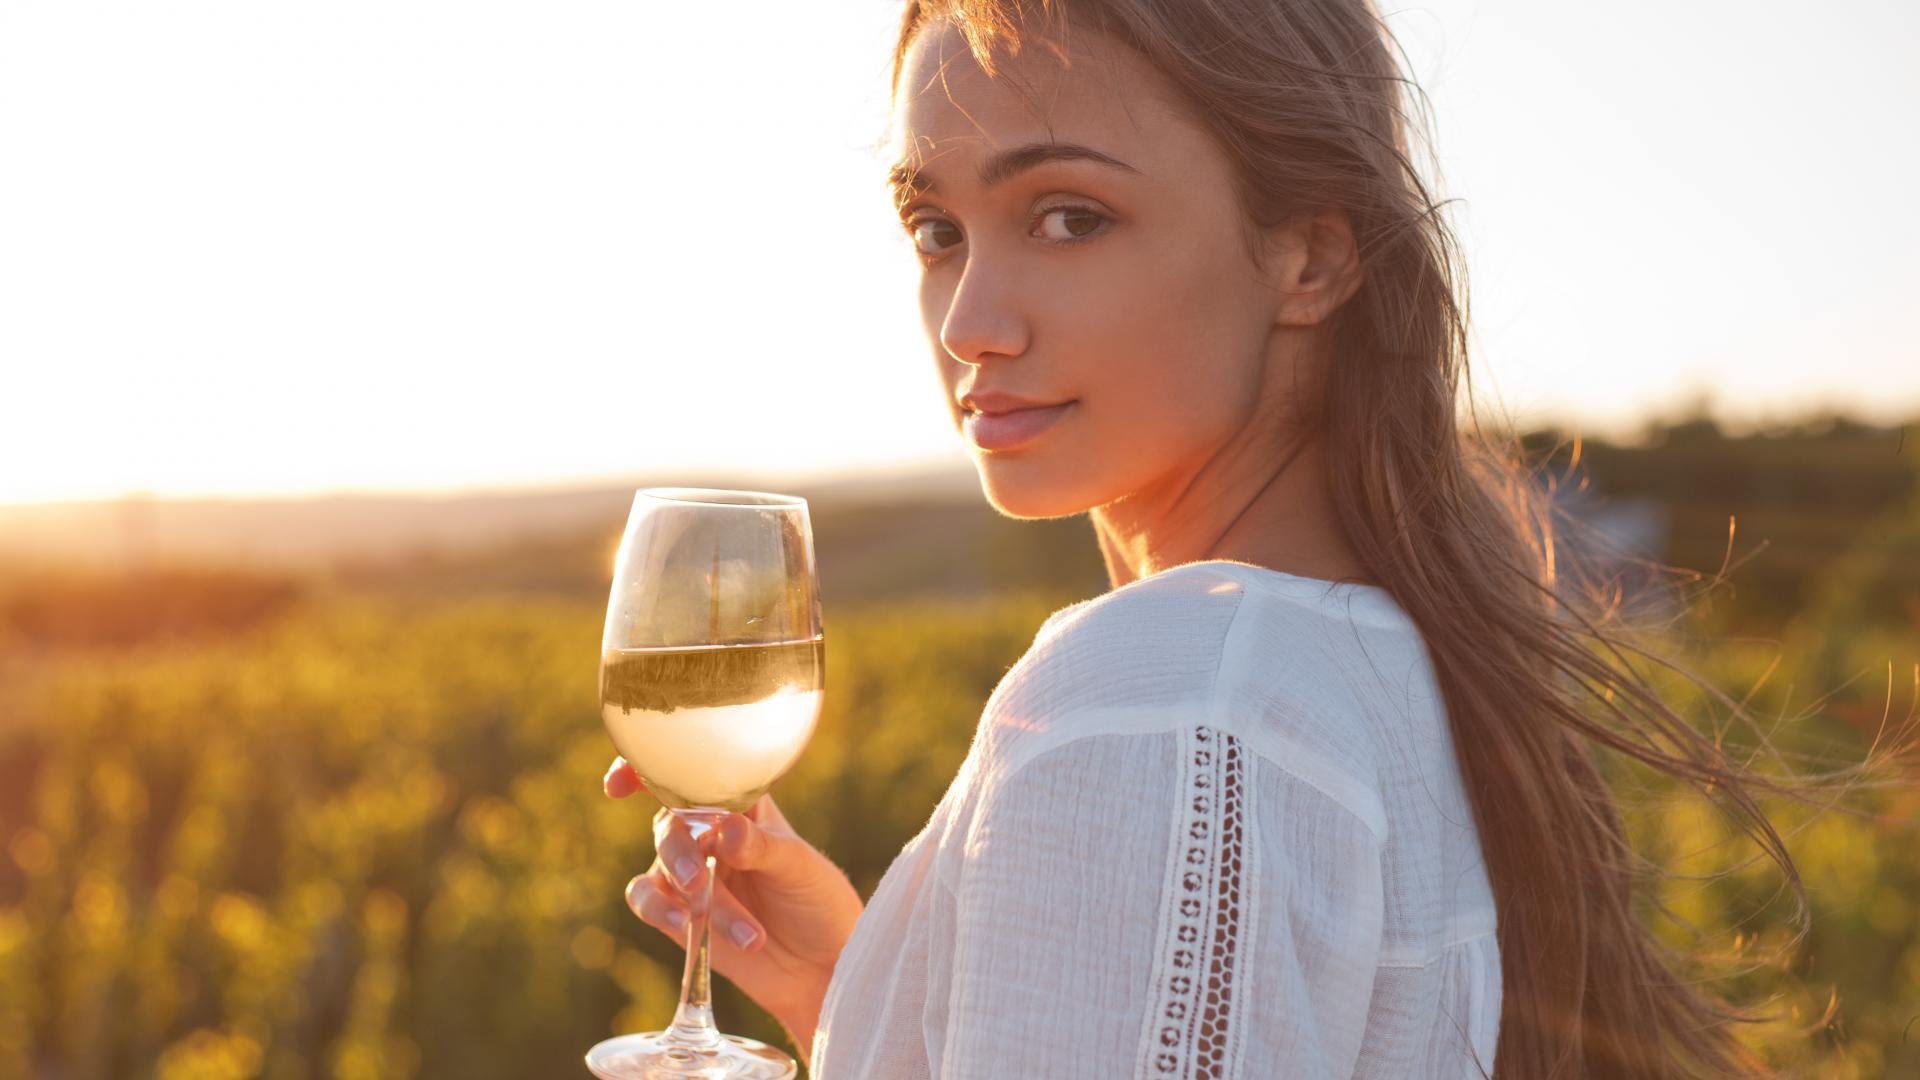 Weißwein Frau auf dem Feld mit Weißwein in der Hand.